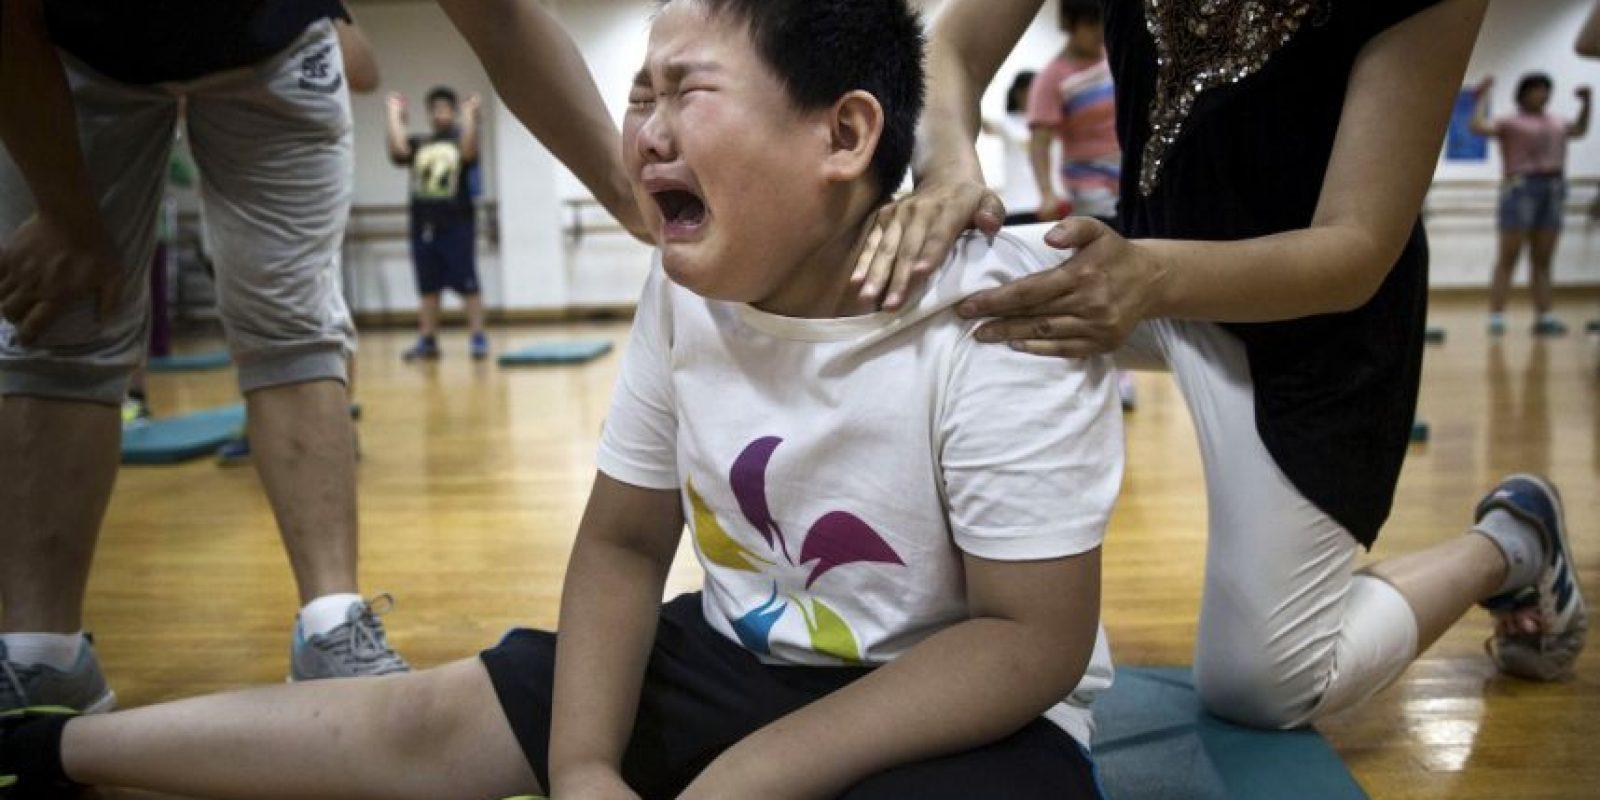 7. Embolia pulmonar. La obesidad contribuye a que se forme un coágulo que bloquea el suministro de sangre al pulmón, lo que ocasiona esta peligrosa condición, según la Asociación Americana del Corazón. Foto:Getty Images